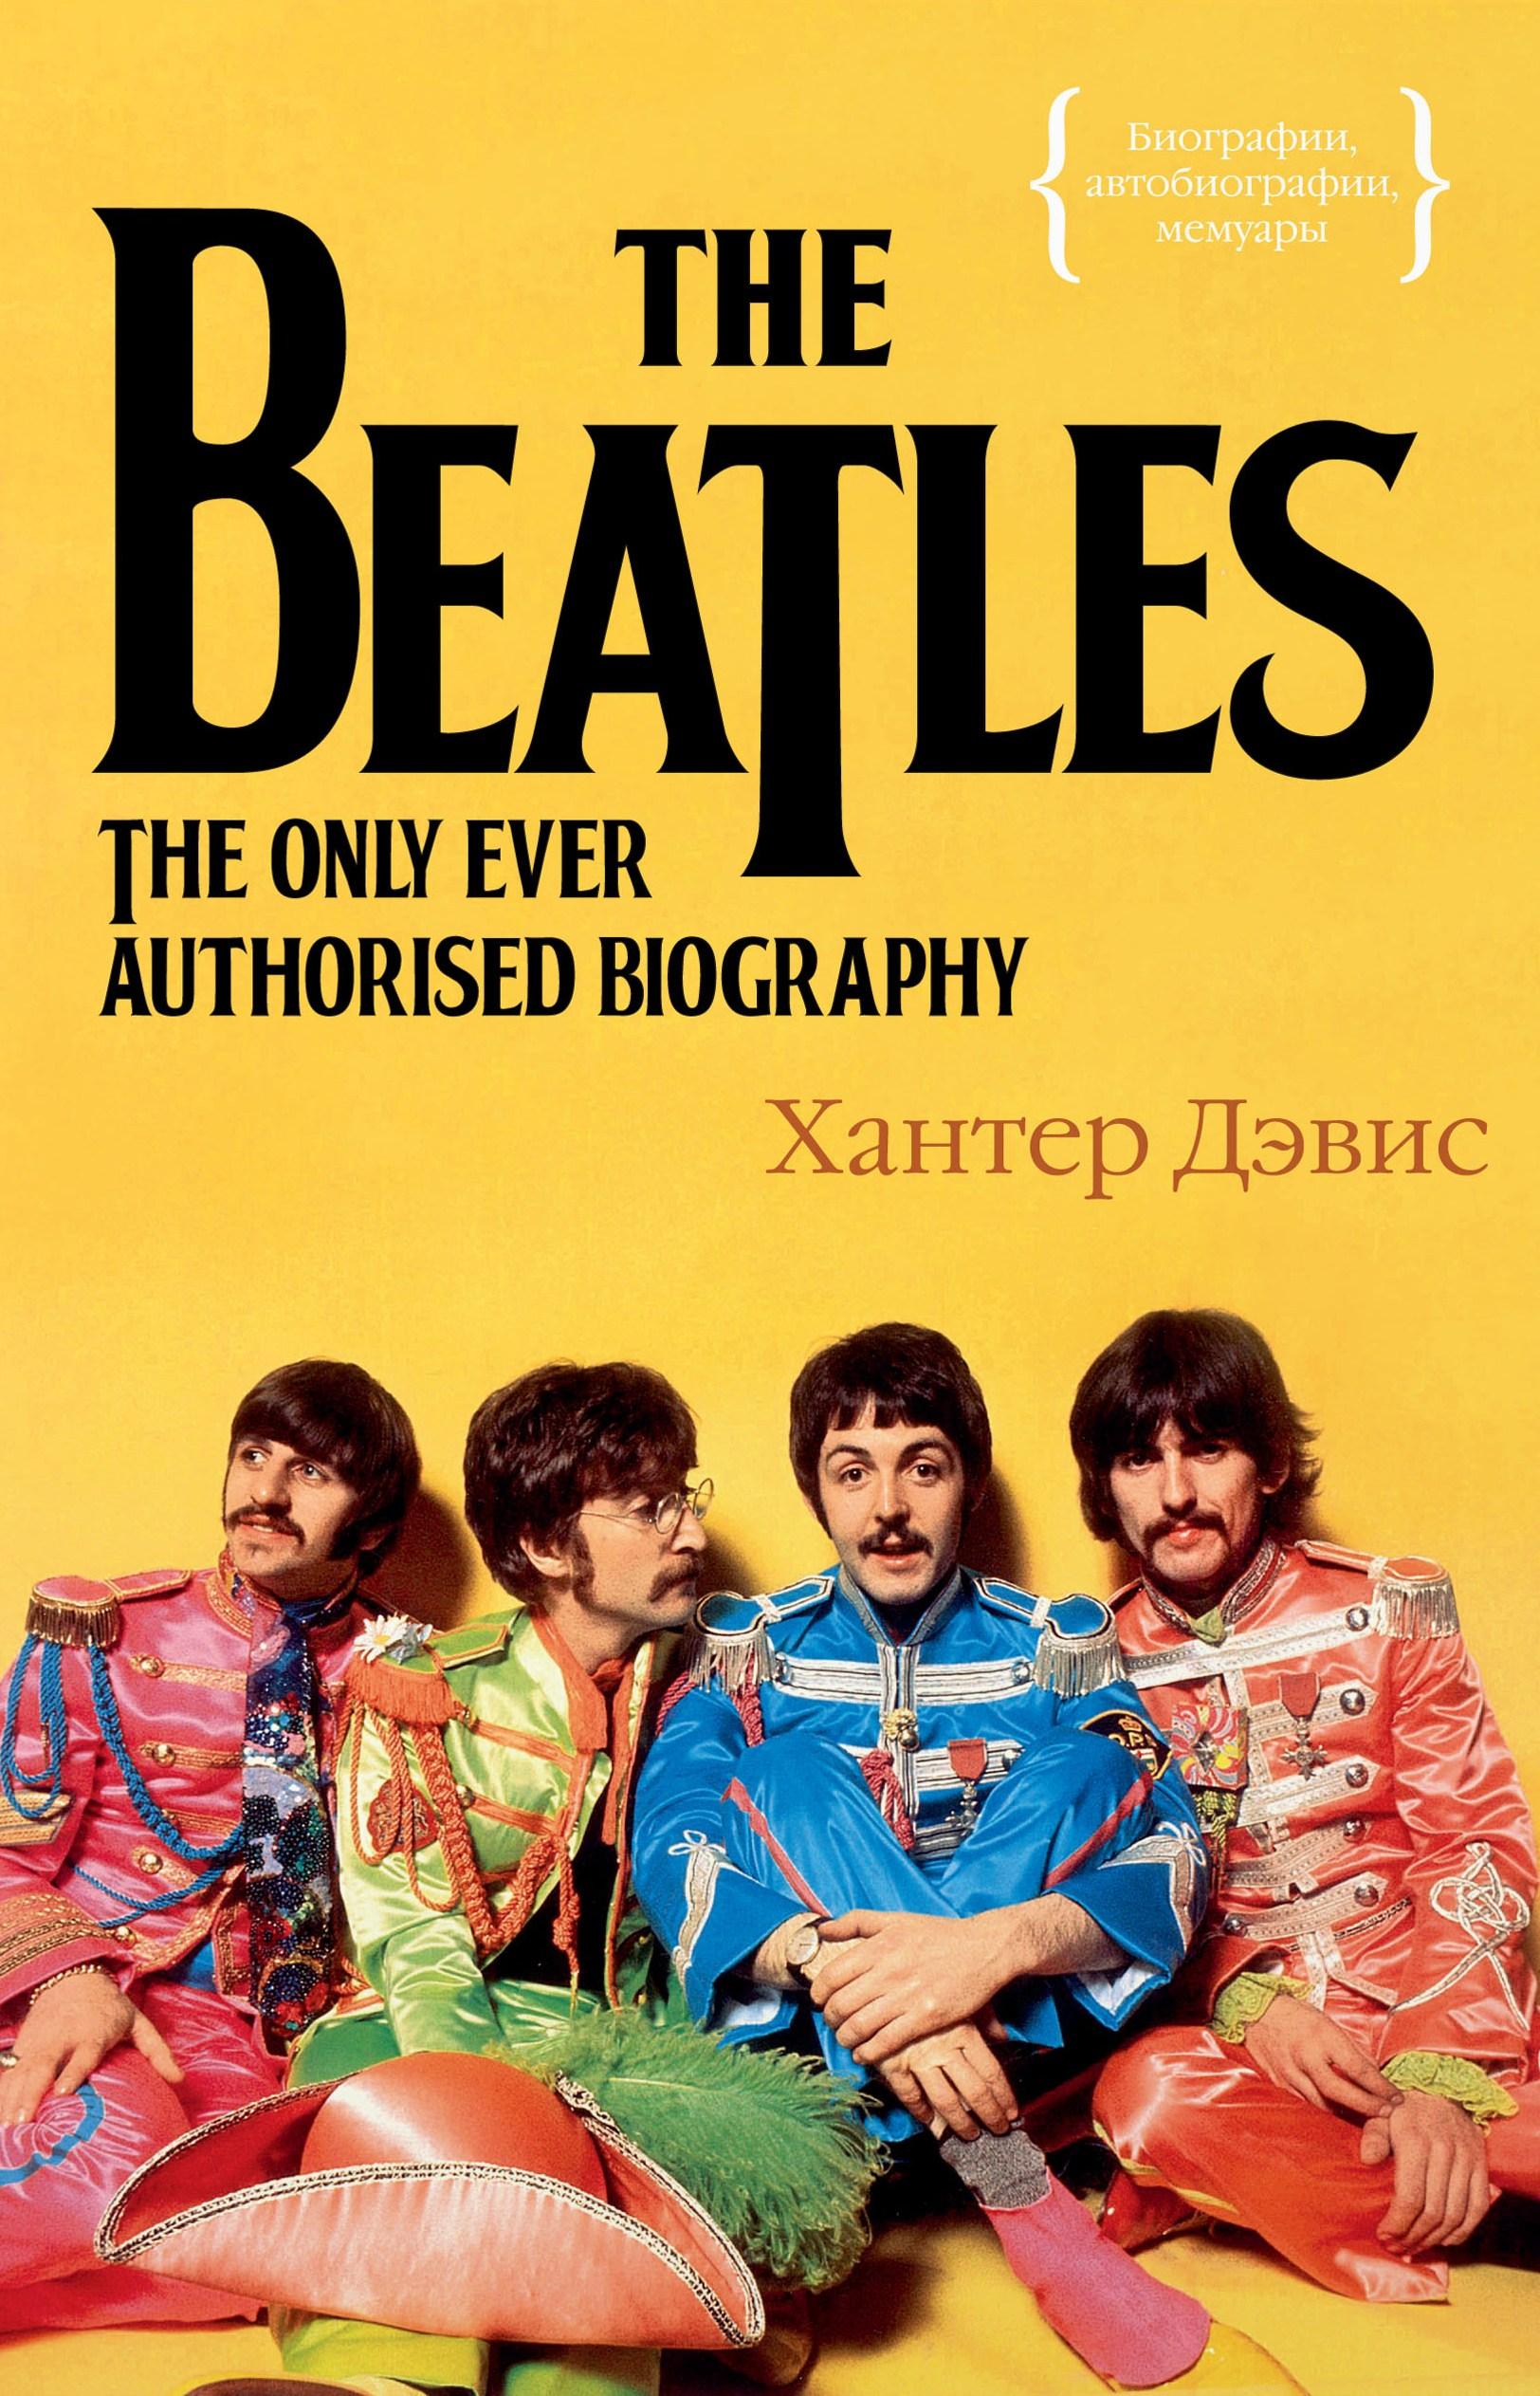 The Beatles: Единственная на свете авторизованная биография - Хантер Дэвис